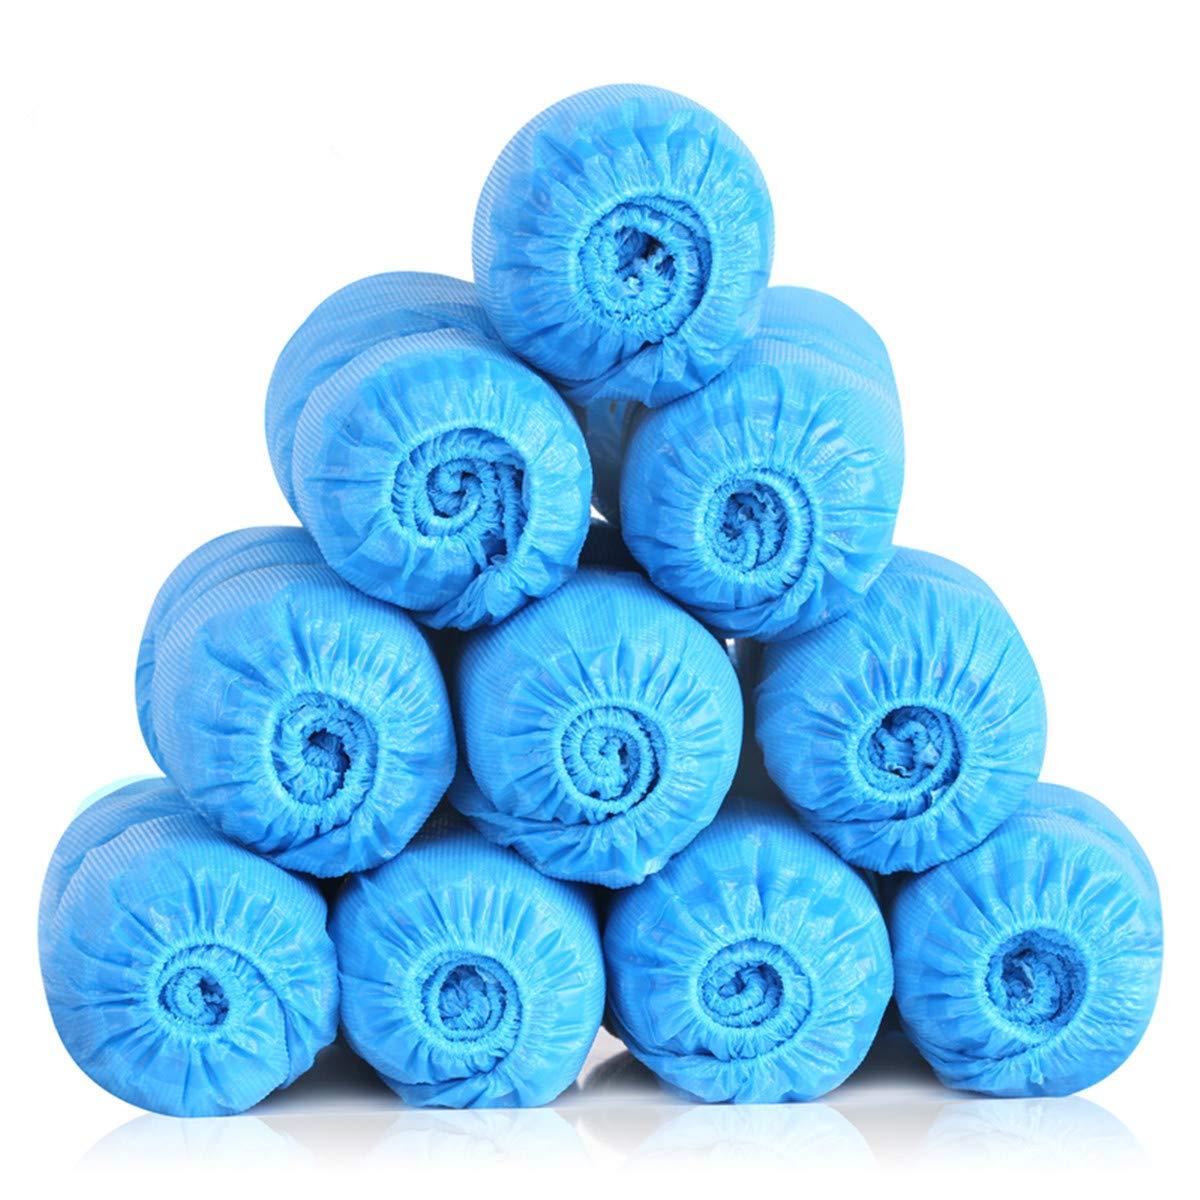 SGODDE 100 Piezas Cubrezapatos Desechables Impermeables, Cubrezapatos Desechables para Calzado de Interior/Exterior, Resistente al Agua, A Prueba de Barro, Reciclable (Talla 34-46, Azul)